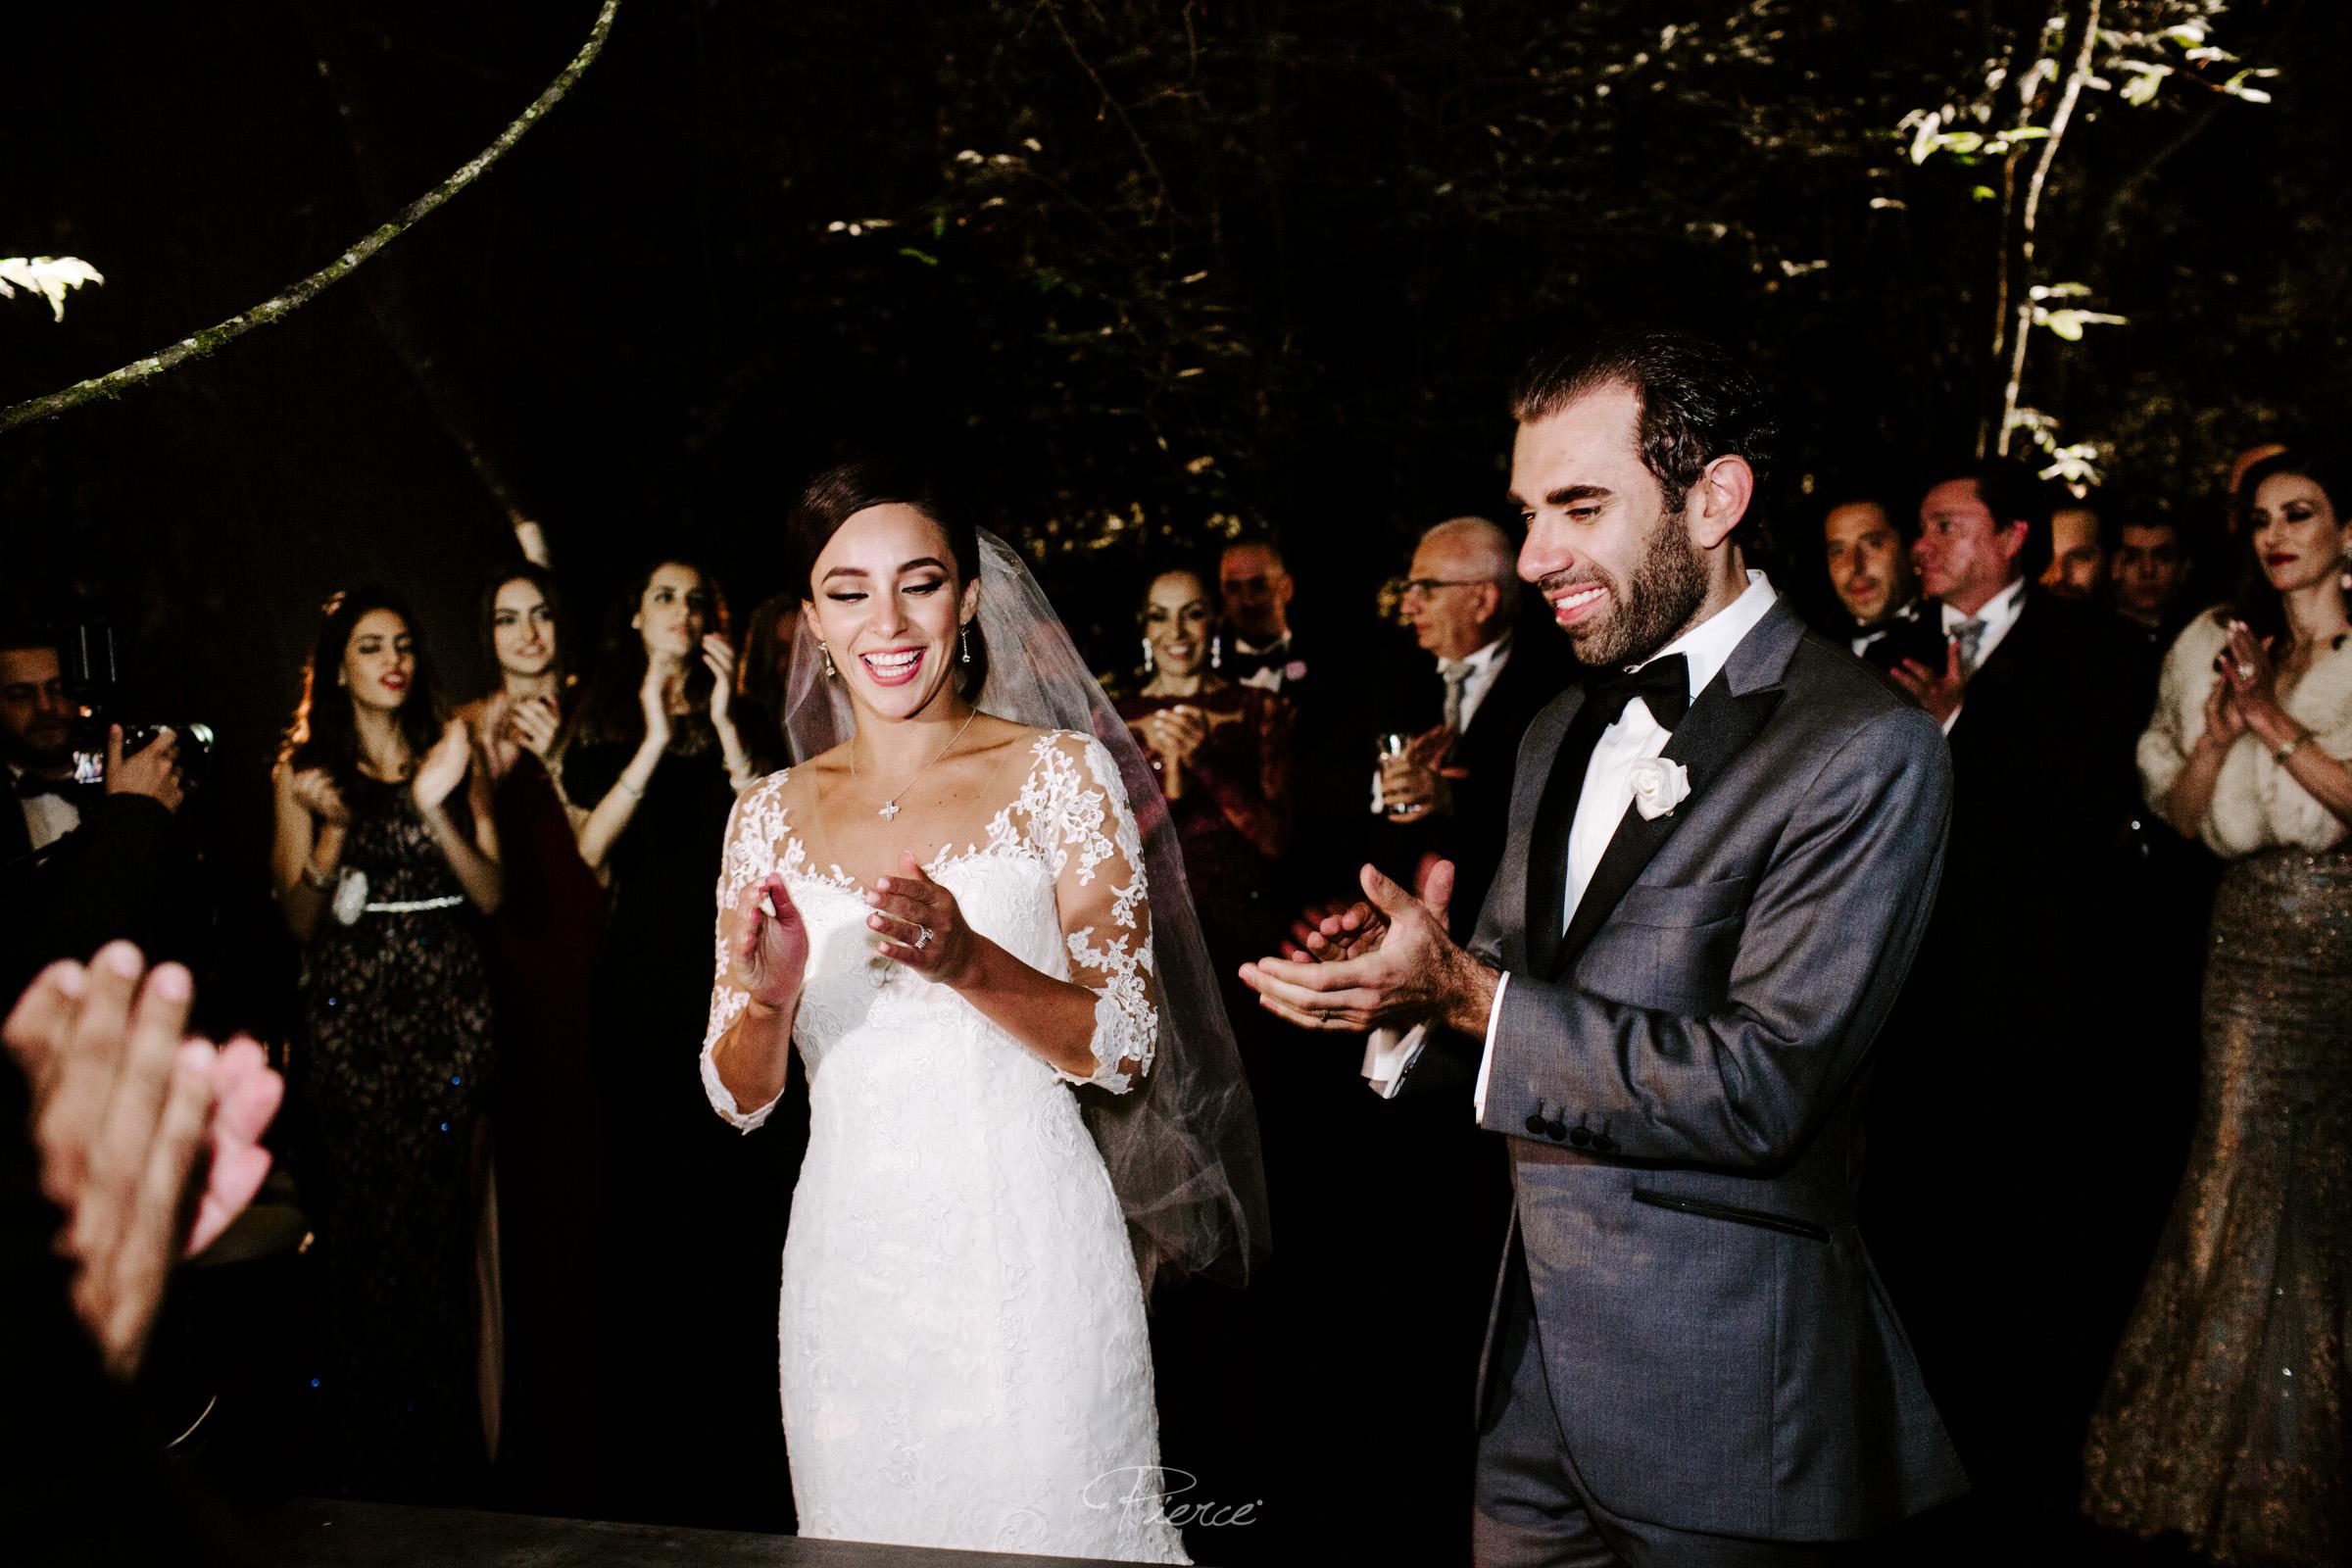 fotografia-de-boda-valle-de-bravo-mexico-rosmarino-pierce-weddings-0128.JPG